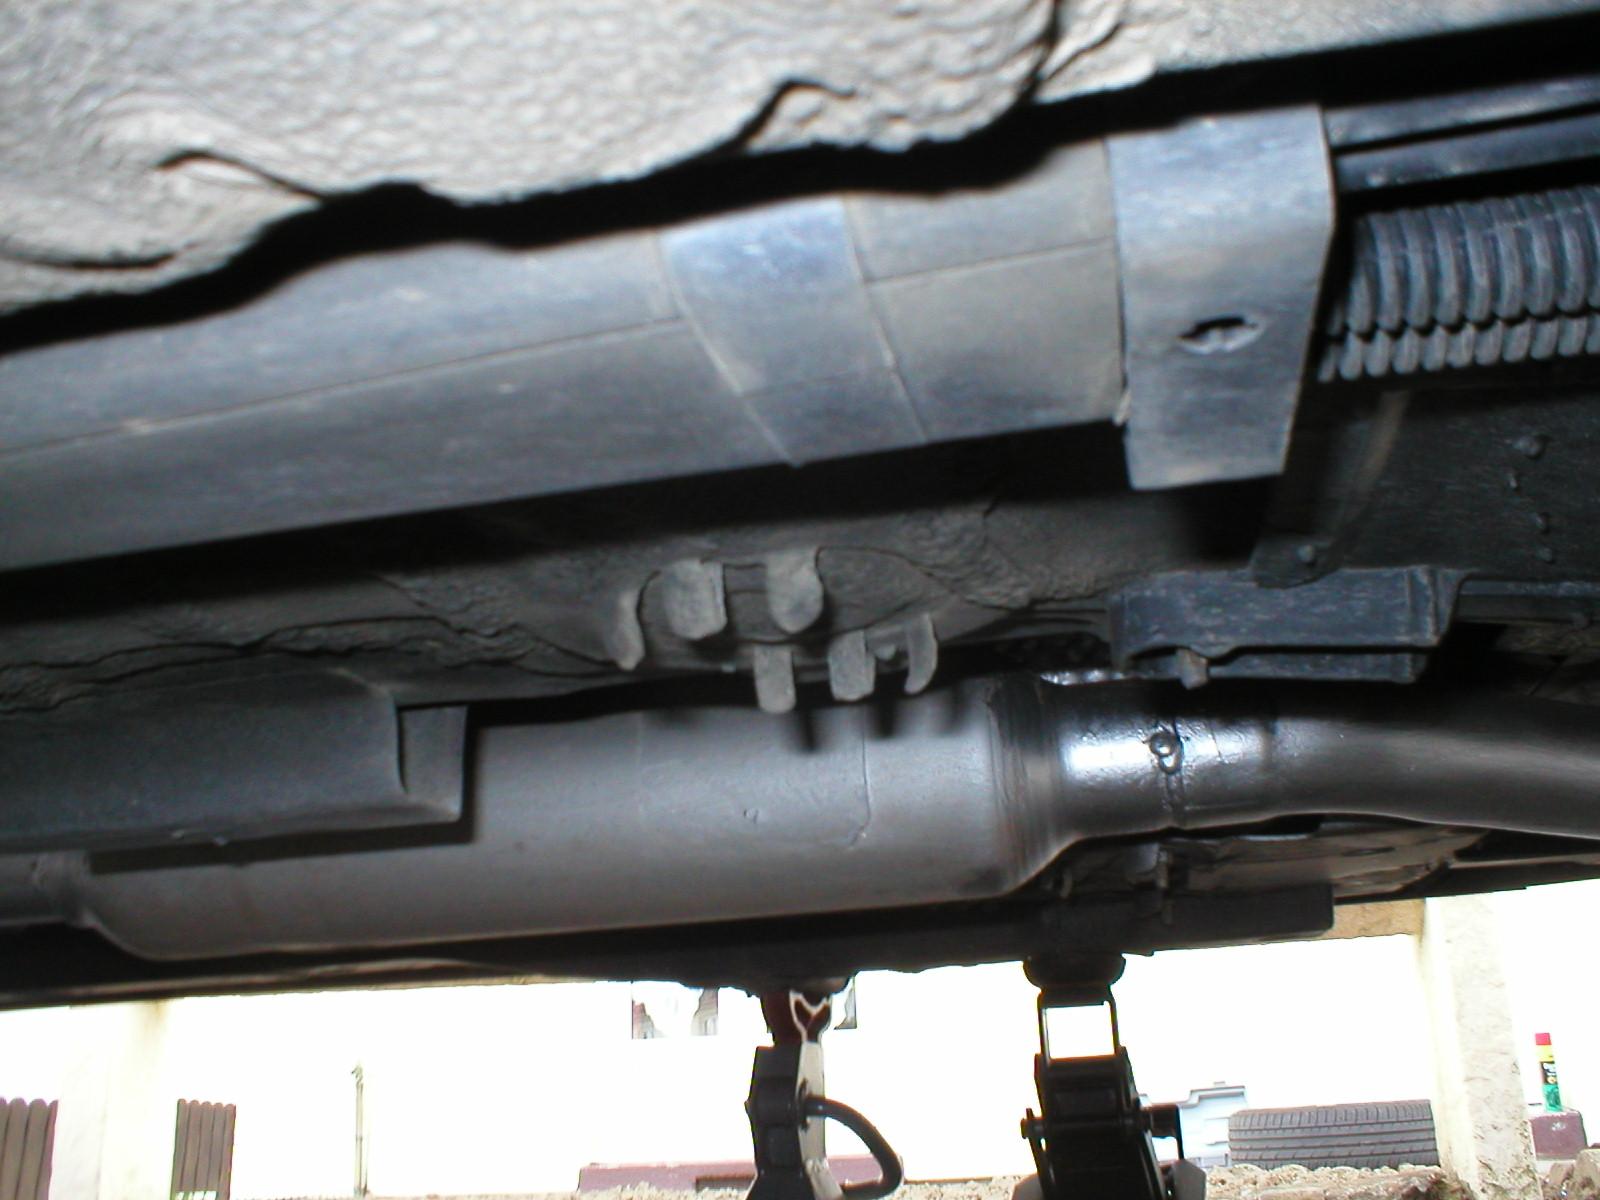 entretien caliber essence - Page 3 661891P1010163